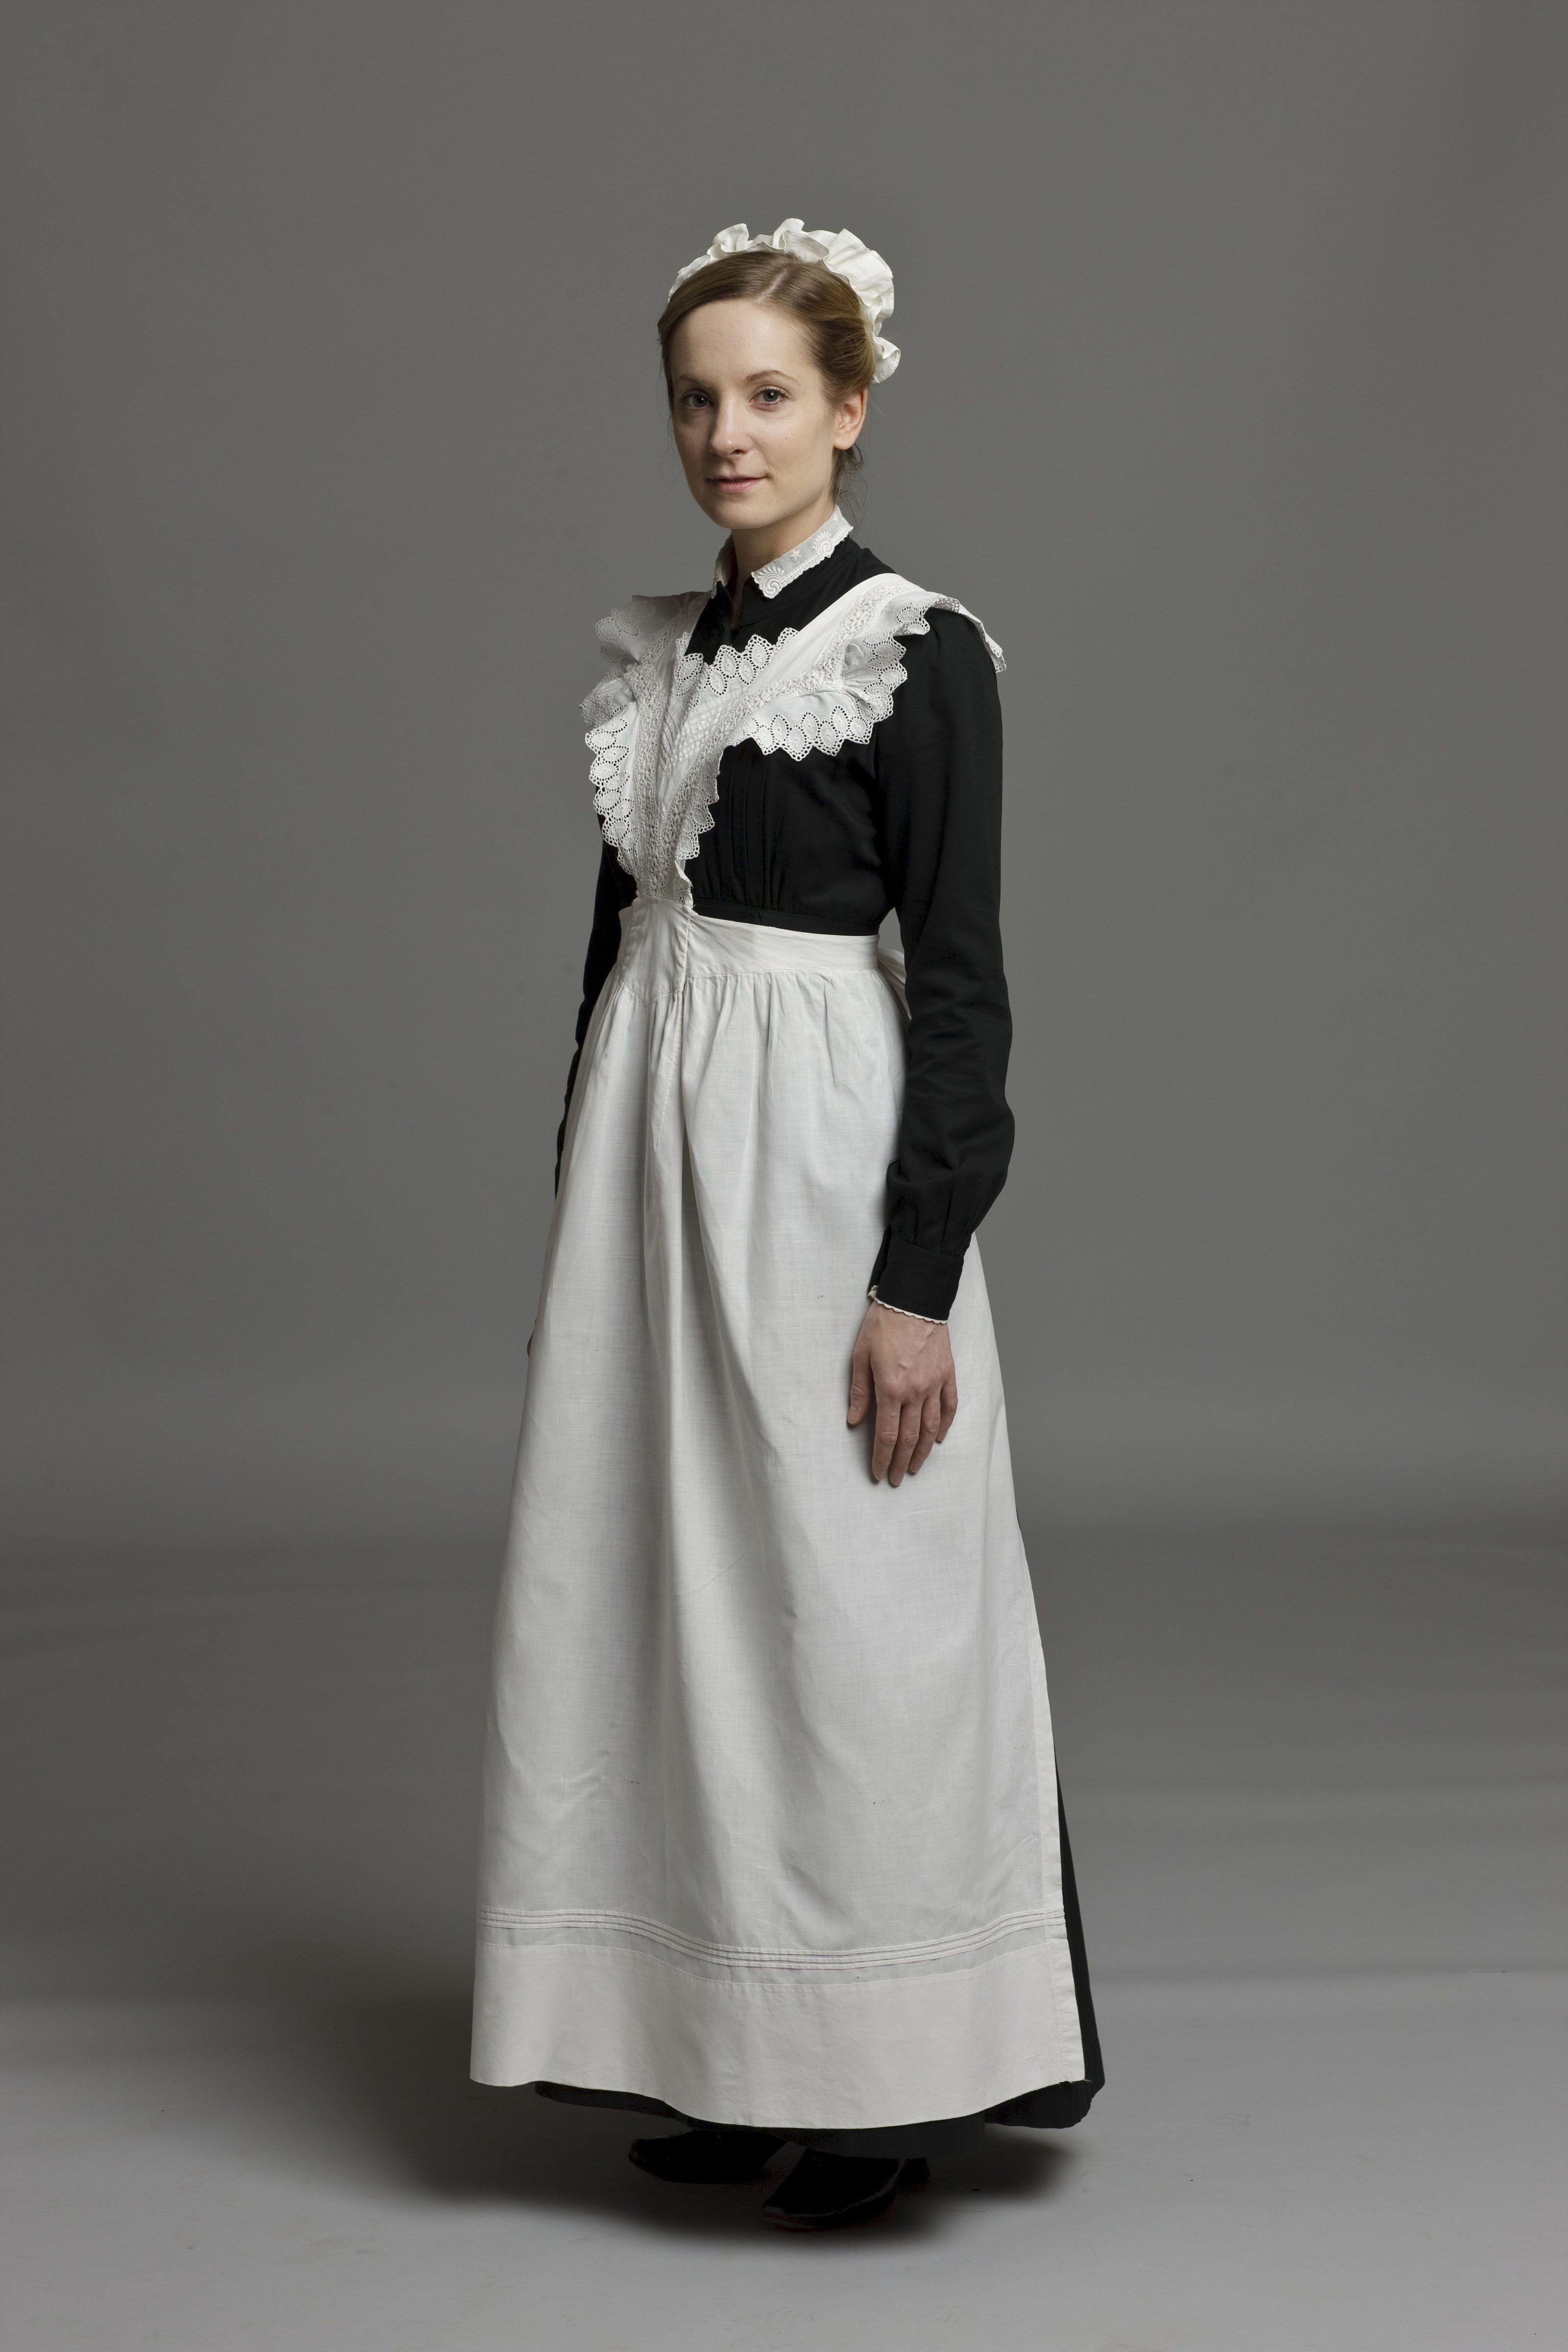 Downton Abbey S1 Joanne Froggatt as \